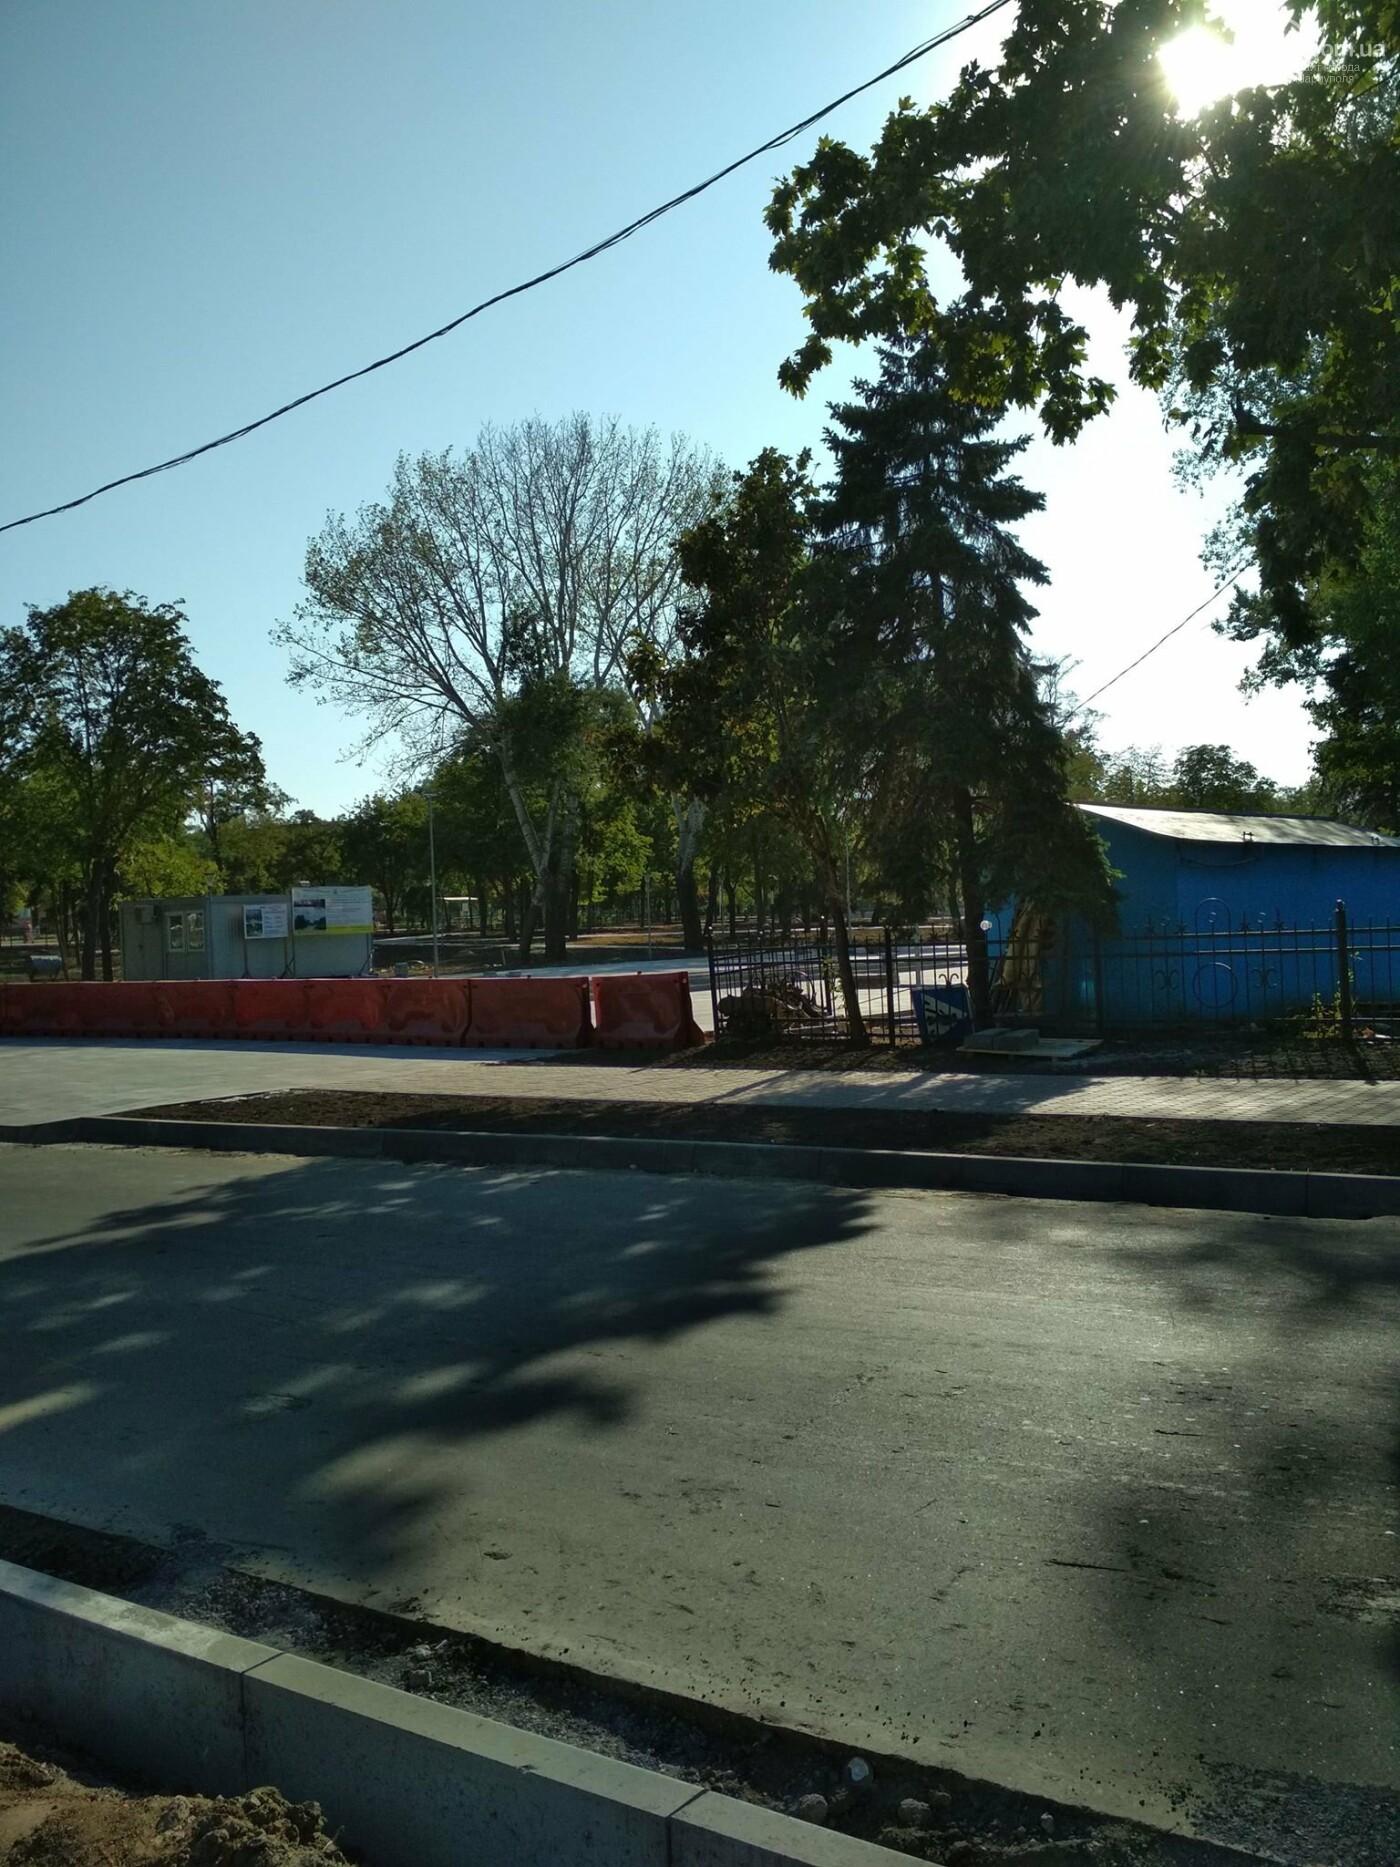 Как идет реконструкция нового мариупольского мультицентра в Левобережном районе, - ФОТО, фото-3